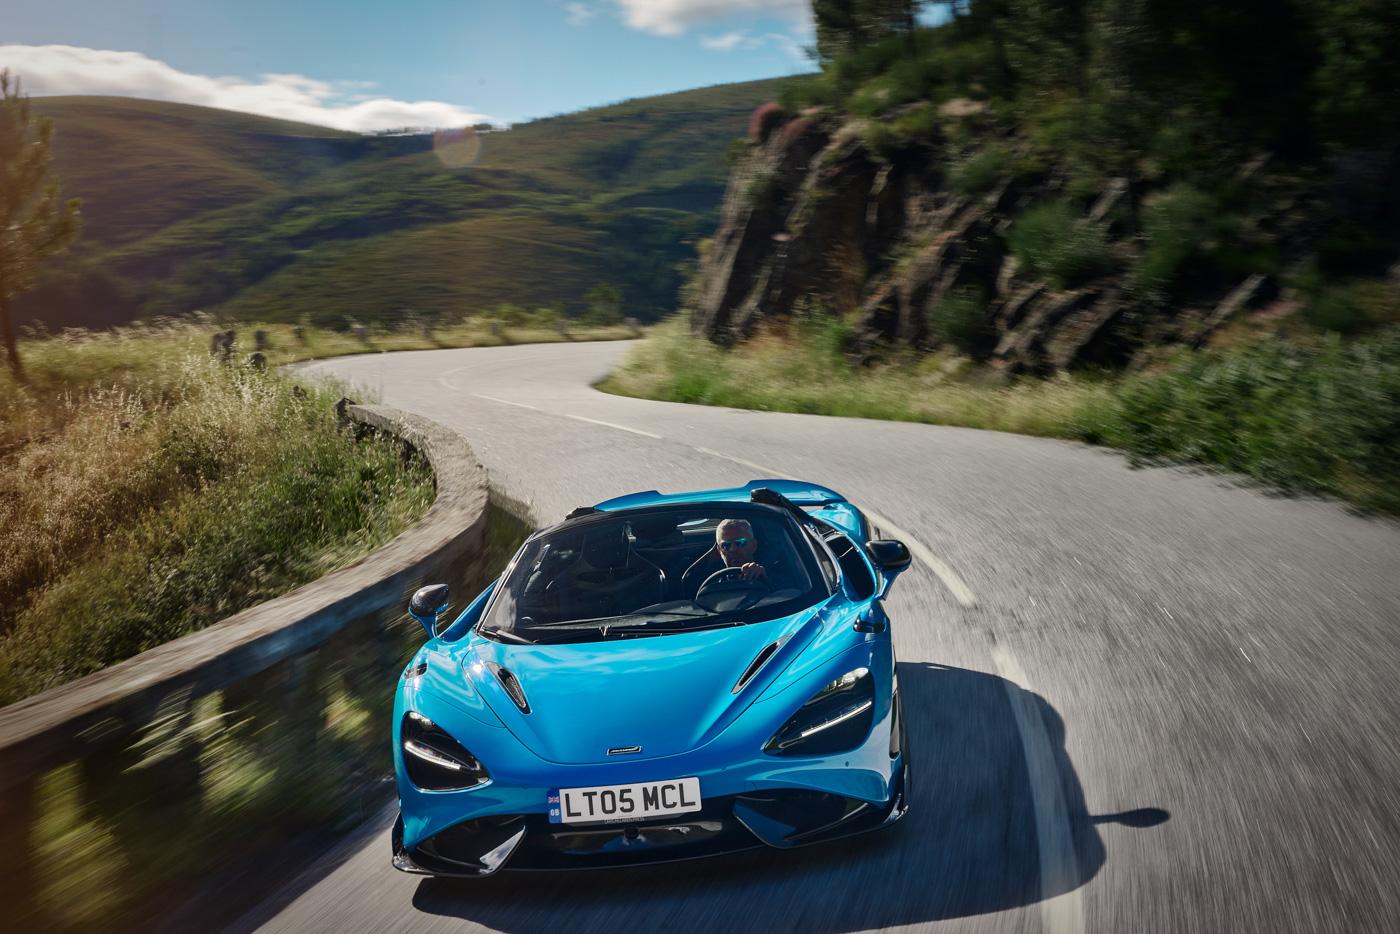 McLaren-765-LT-Spider-siêu-xe-mui-trần-hiệu-năng-cao-dẫn-đầu-phân-khúc-14.jpg